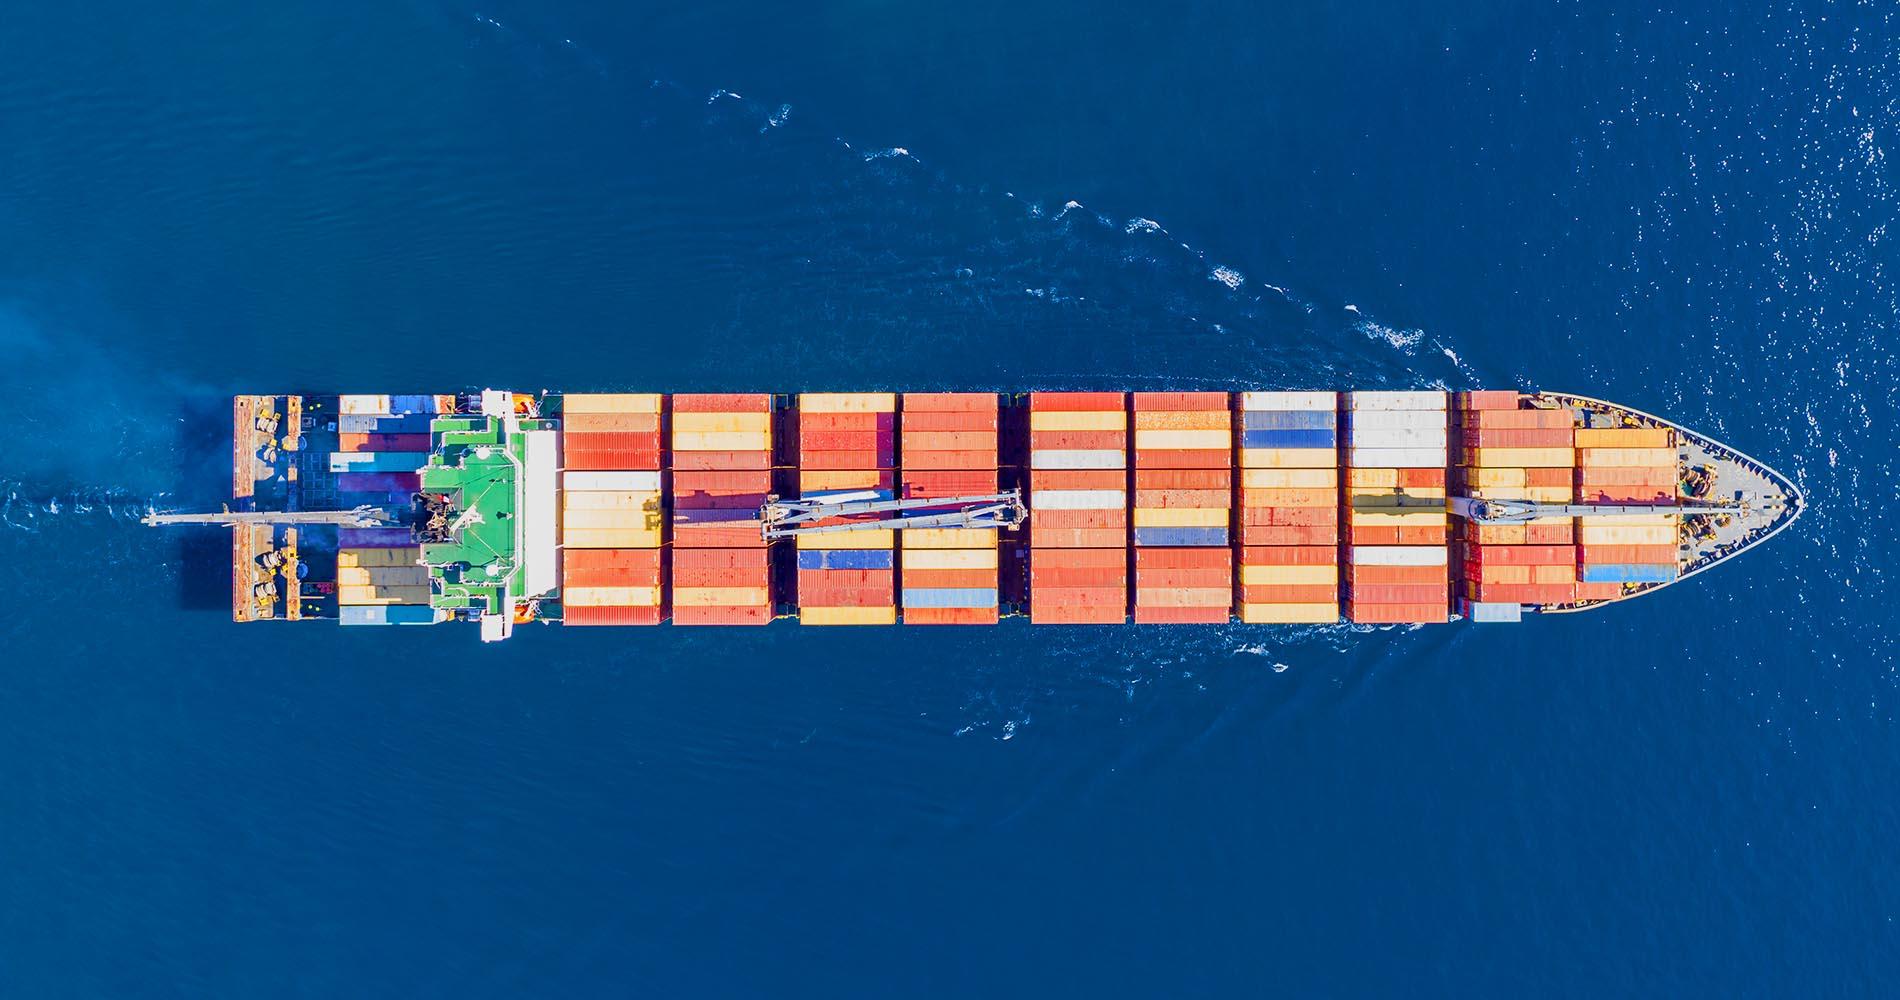 Gestrand containerschip bezorgt fietsenbranche nog langere levertijden